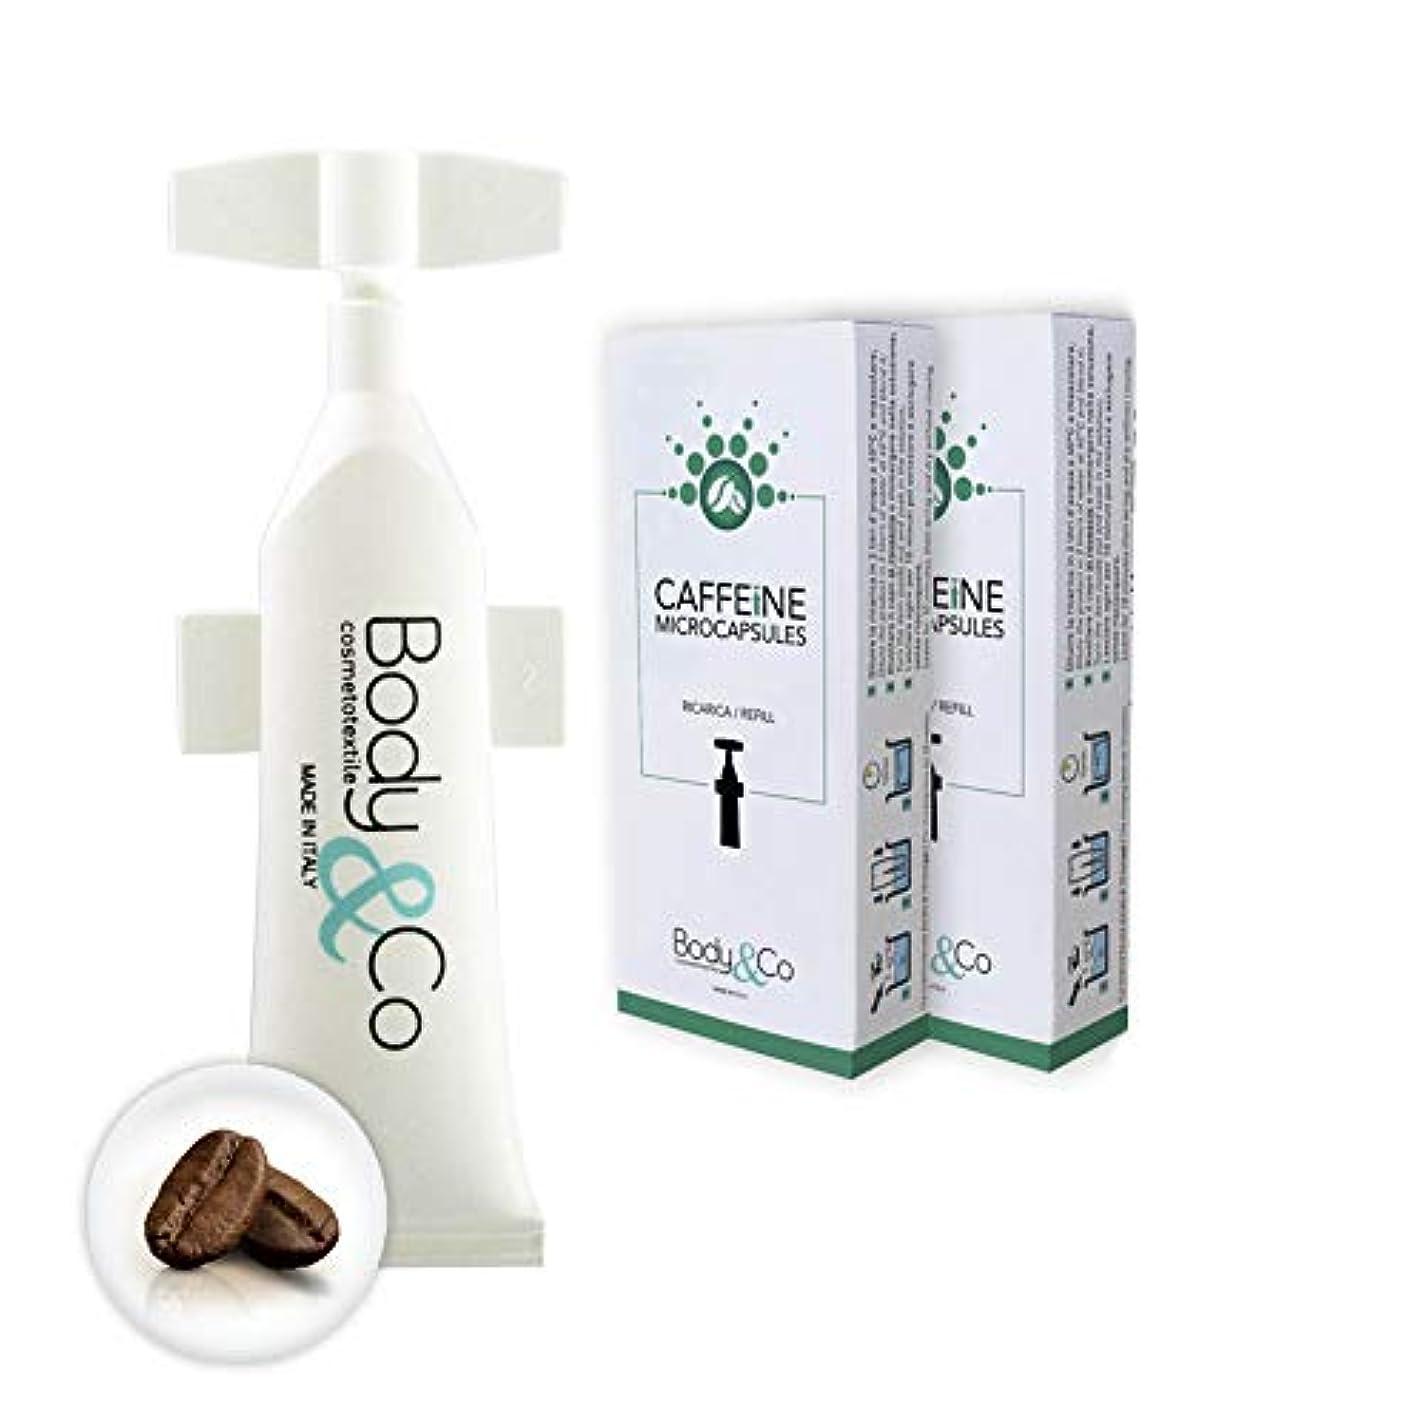 救急車スポーツをする気味の悪いBody&Co Cosmetic Refill 10 ml Caffeine (CAFFEINE 10 ML, 2 REFILLS 10 ML)